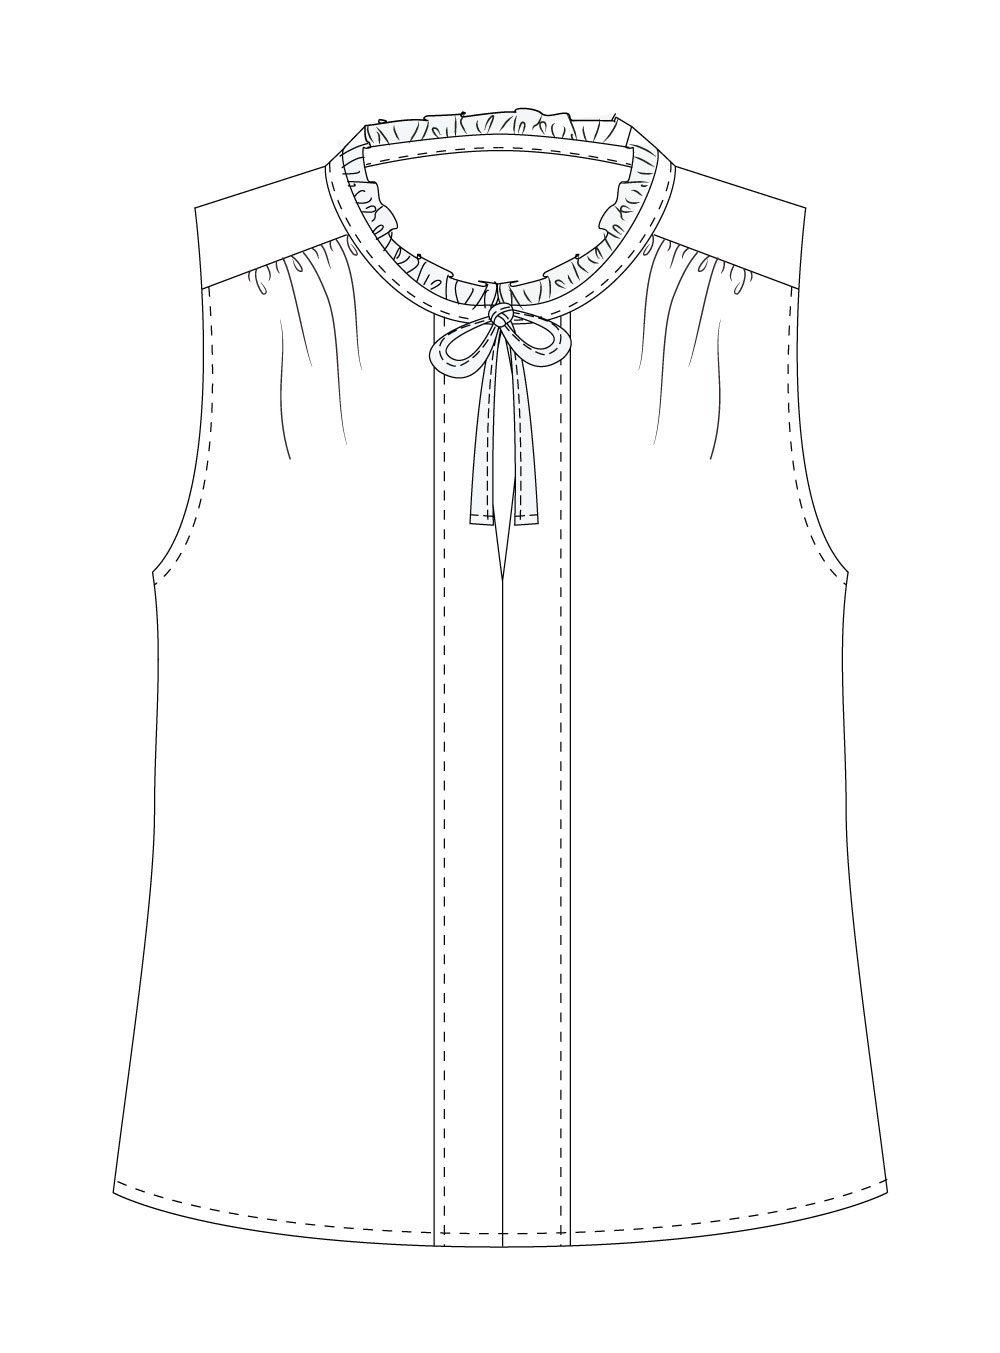 Vienna Tank Digital Sewing Pattern (PDF)